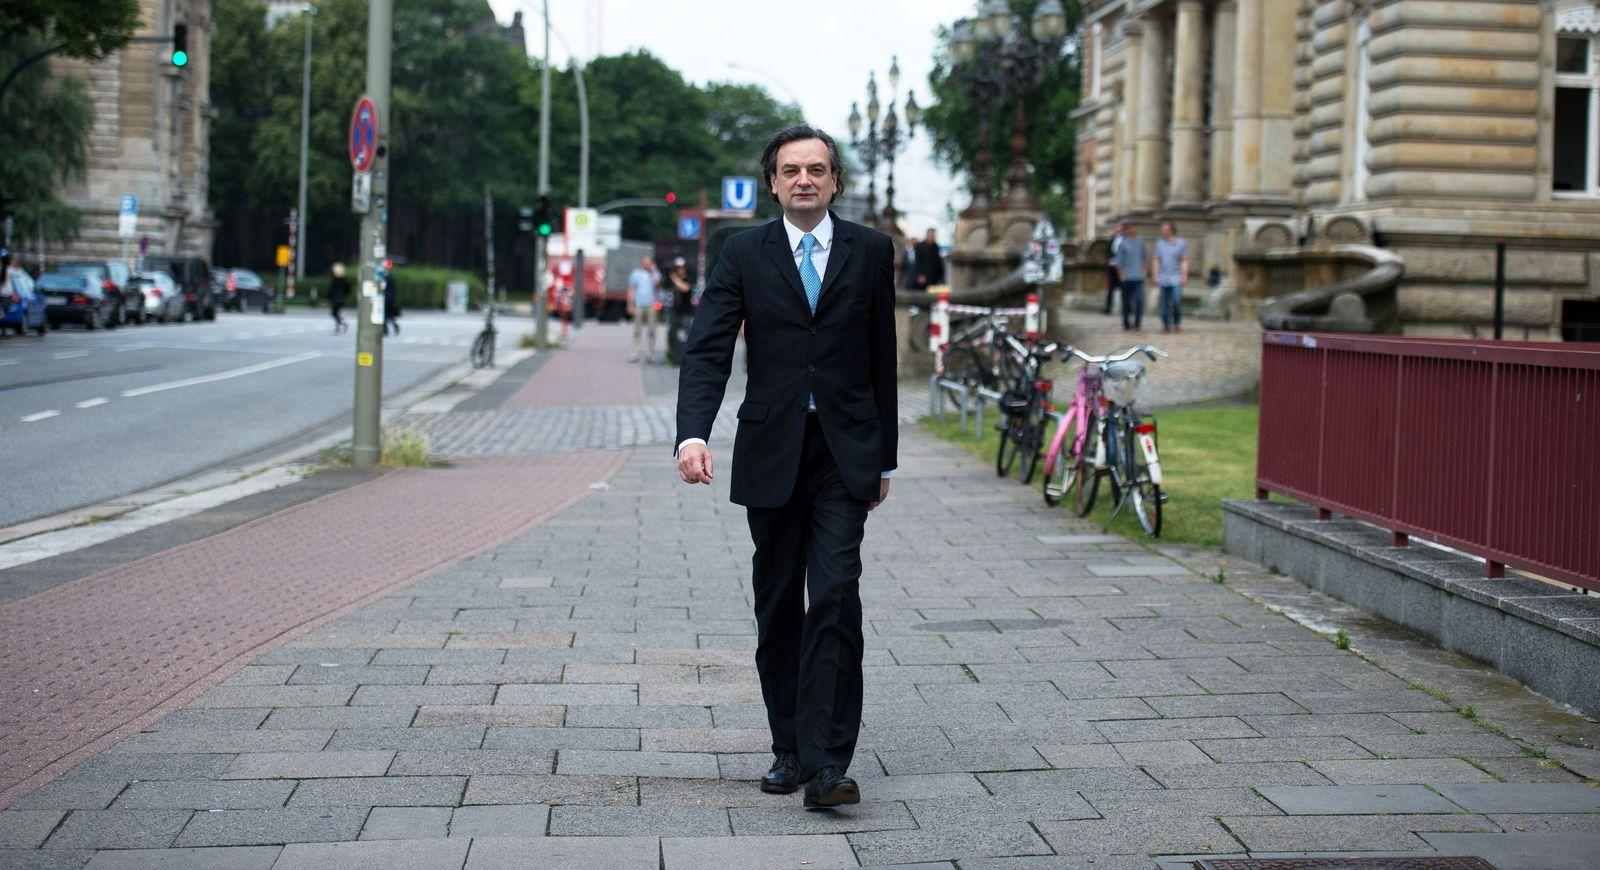 Urteil im HSH Nordbank Prozess